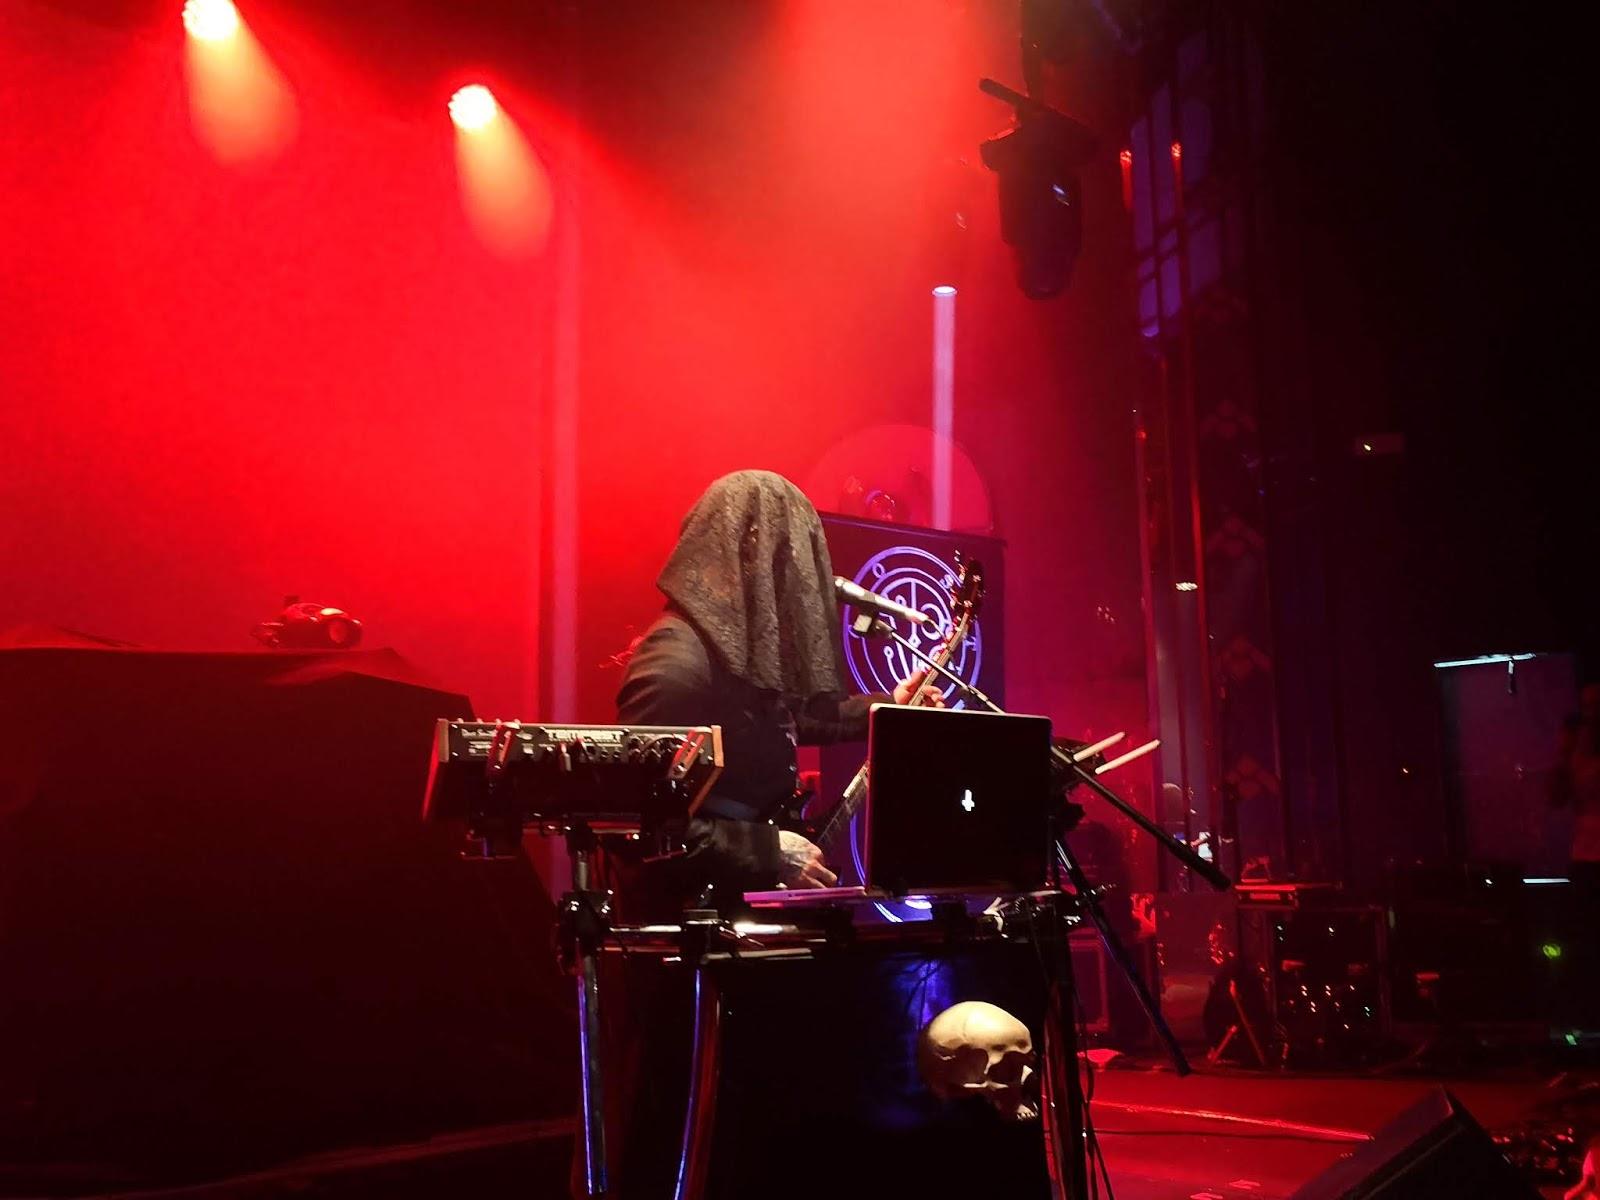 Metalkorner Crónica Noche Retrowave Con Carpenter Brut En